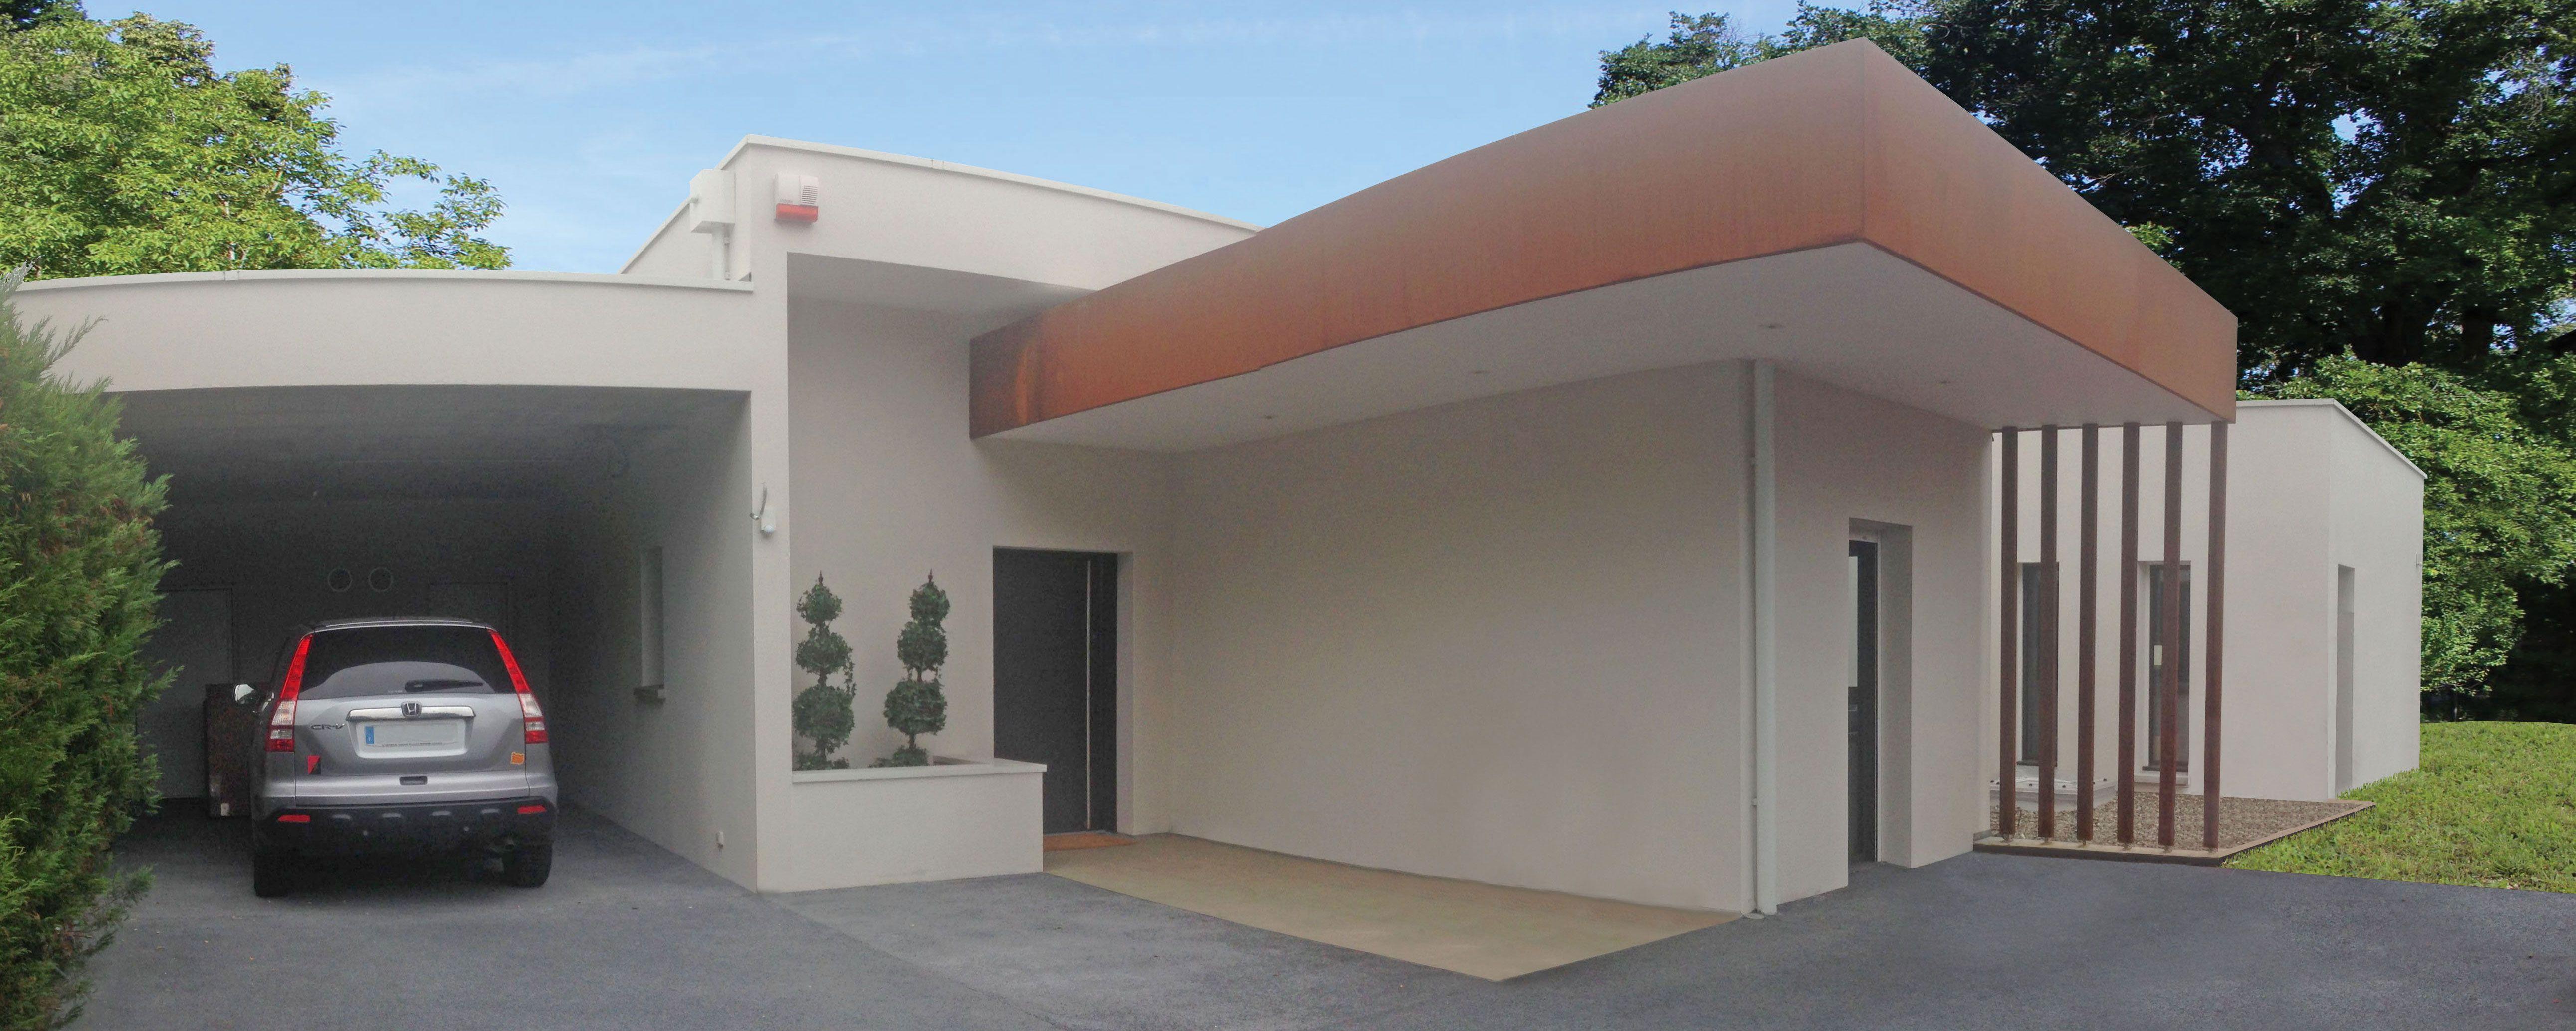 Atelier d\'Architecture Scénario - Maison contemporaine parée d\'acier ...